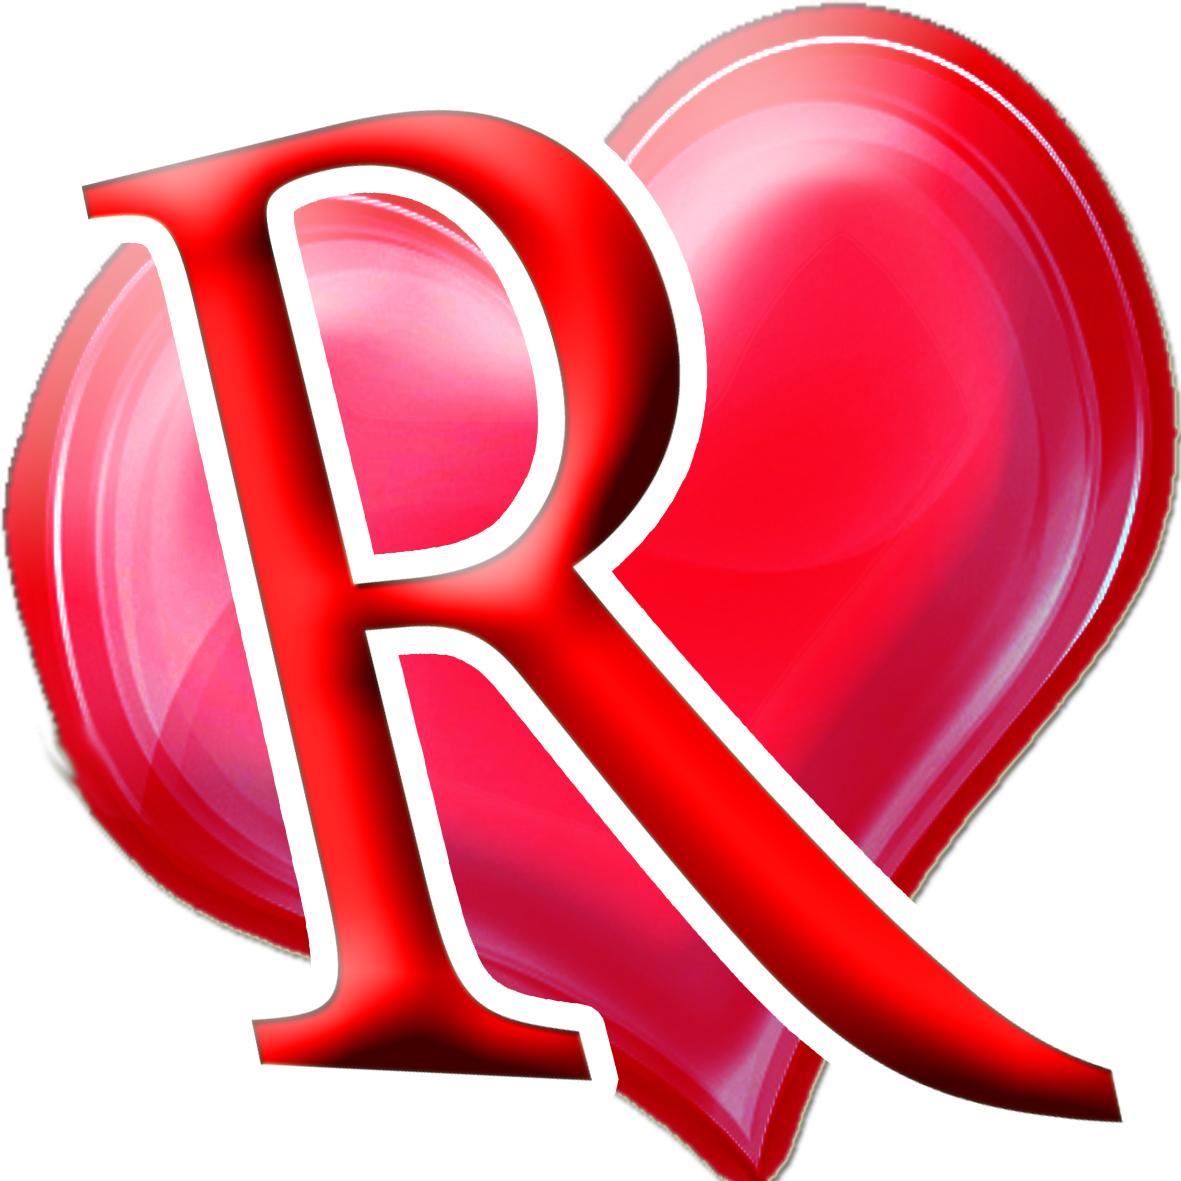 صورة تحميل صور حرف r , صور بااشكال مختلفه لحرف r